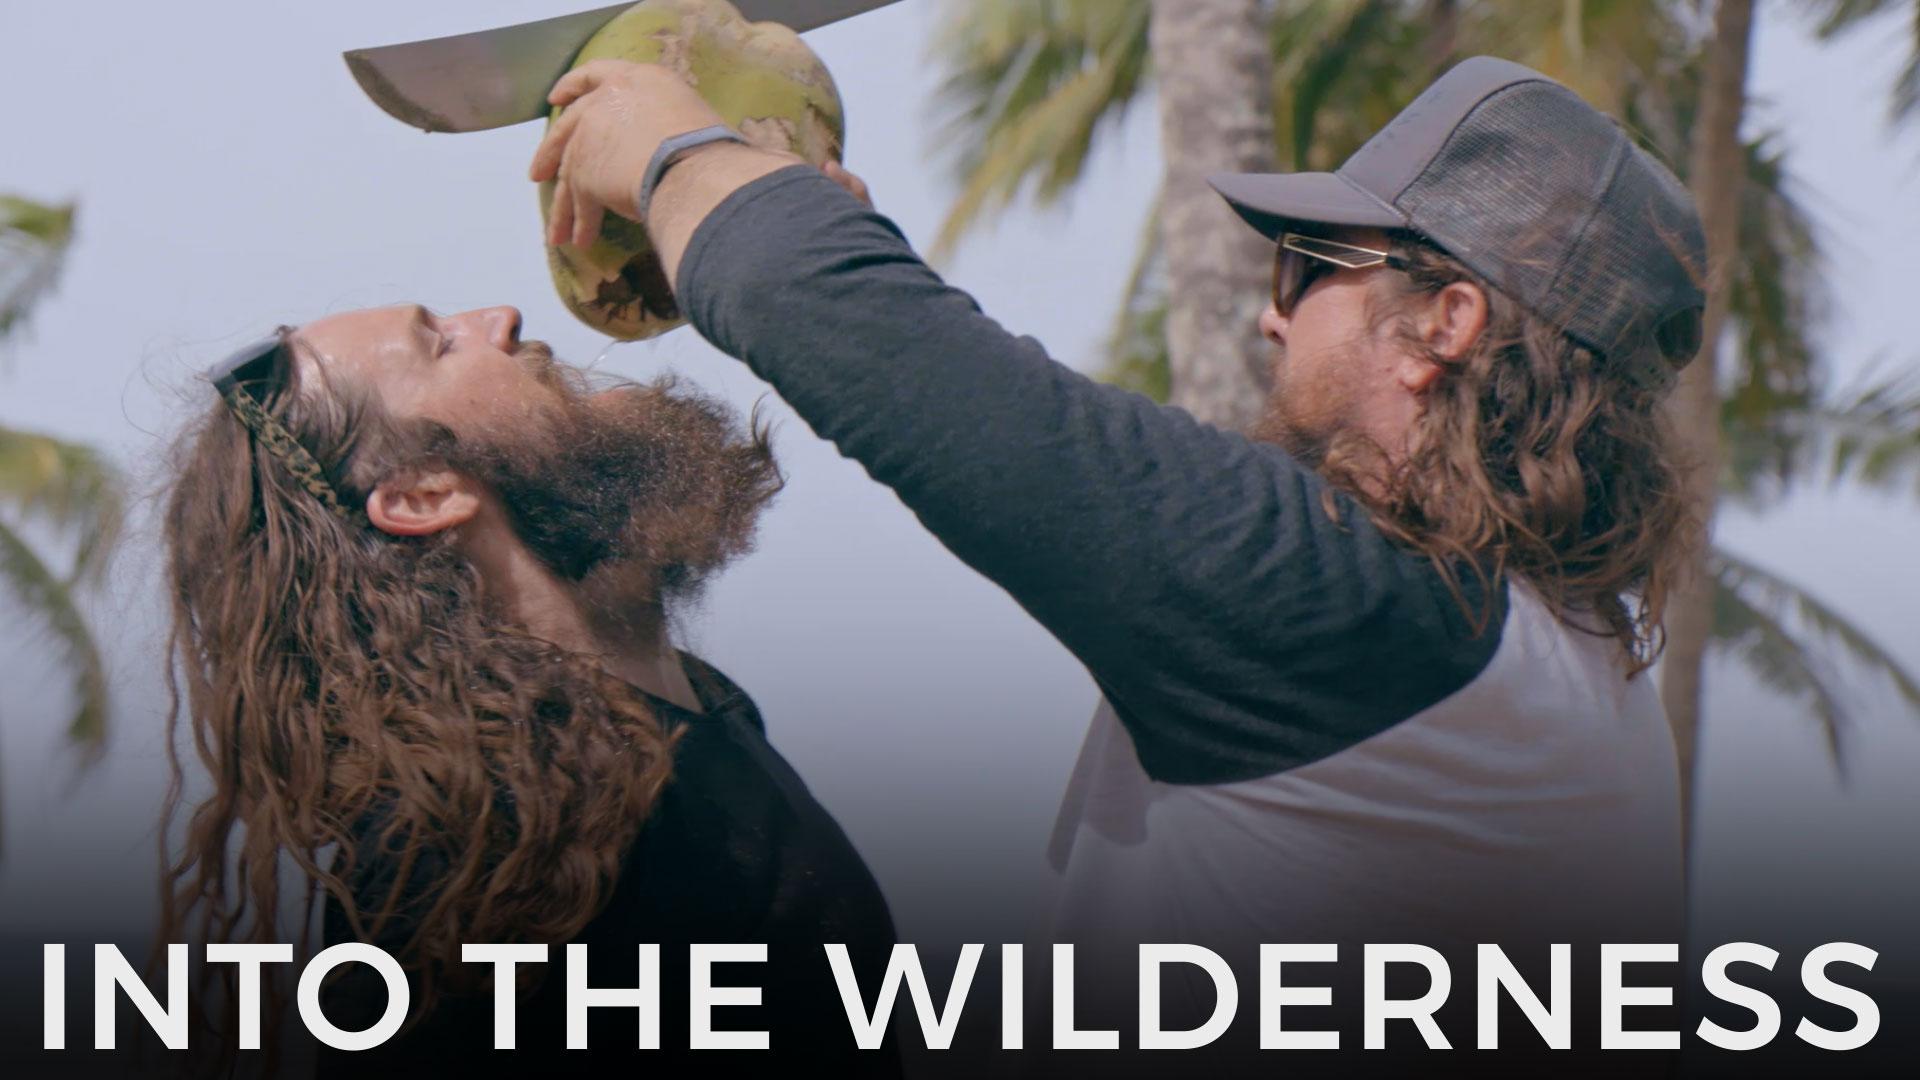 Wilderness-Widescreen-1920x1080-2.jpg